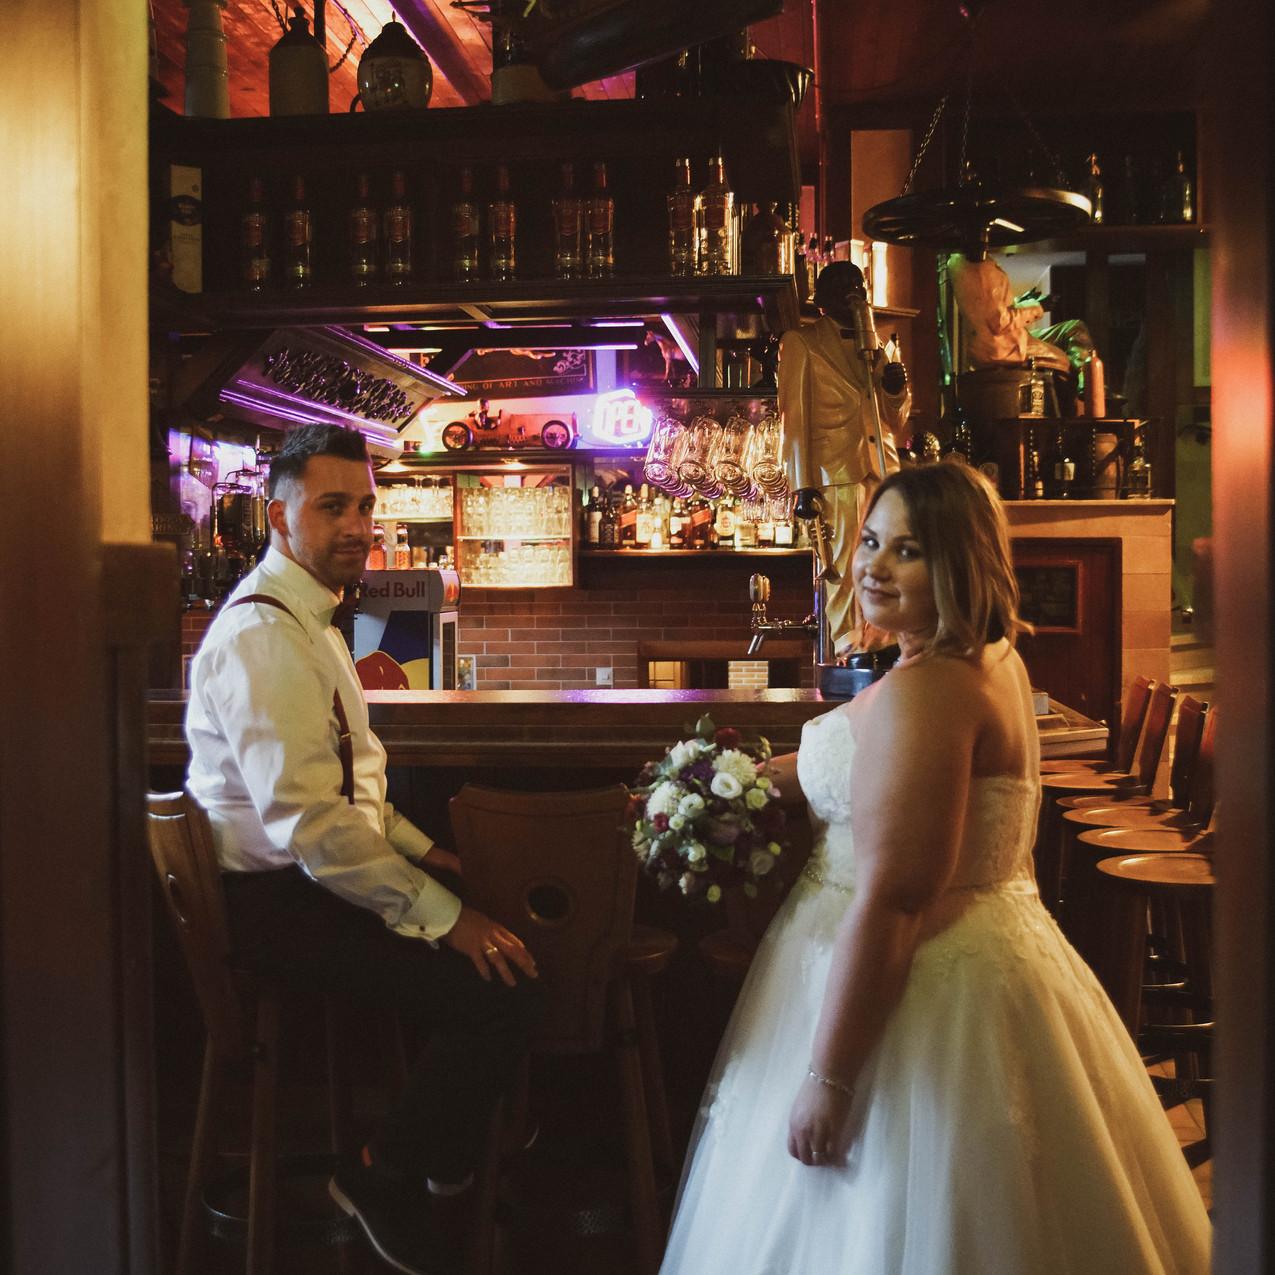 Hochzeitsfotograf auf der schwäbischen Alb, Daniel Jones macht es möglich, einzigartige Bilder für die Ewigkeit festzuhalten.